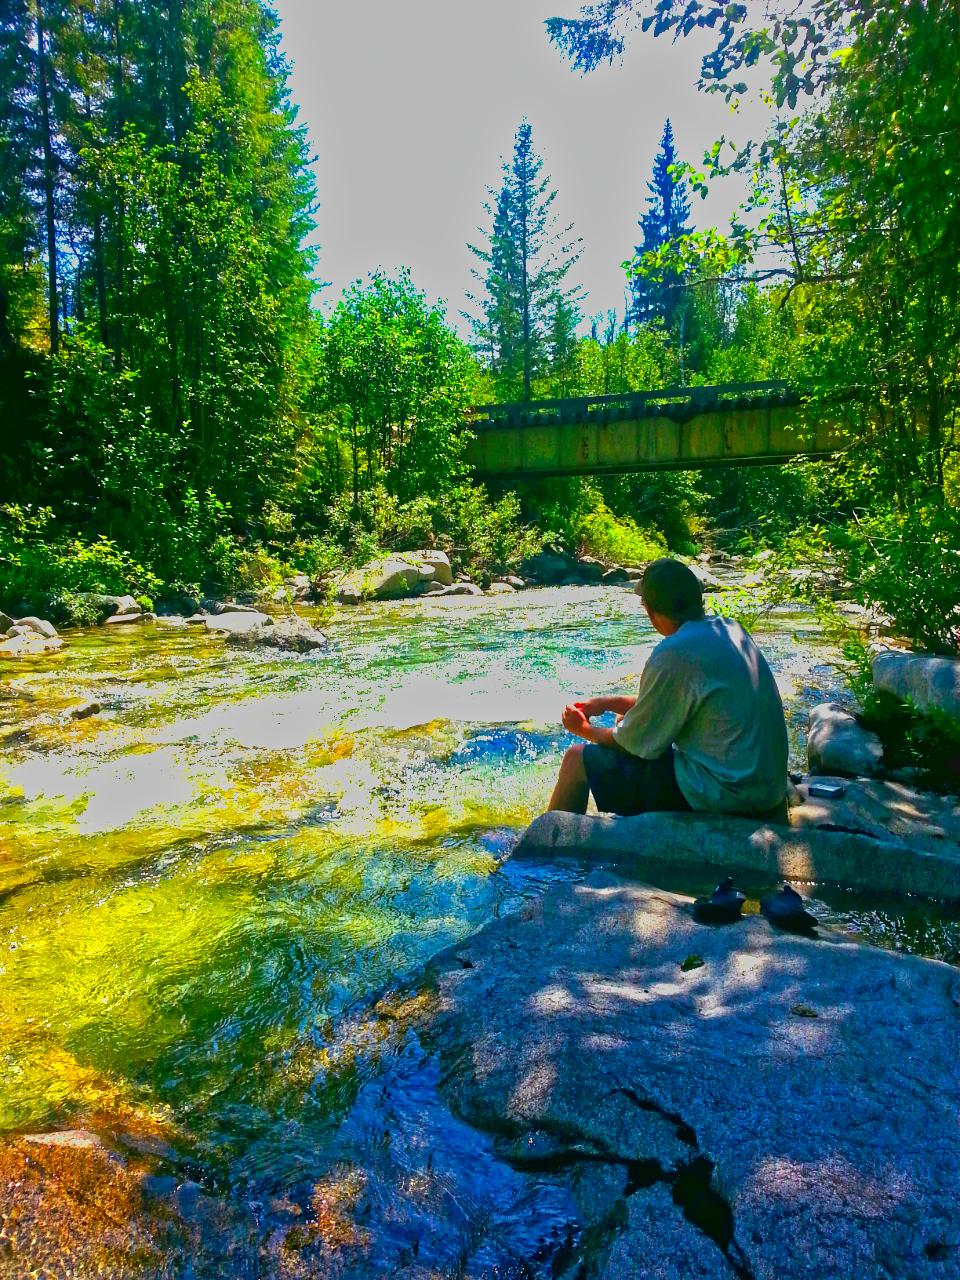 Barnes Creek Peace